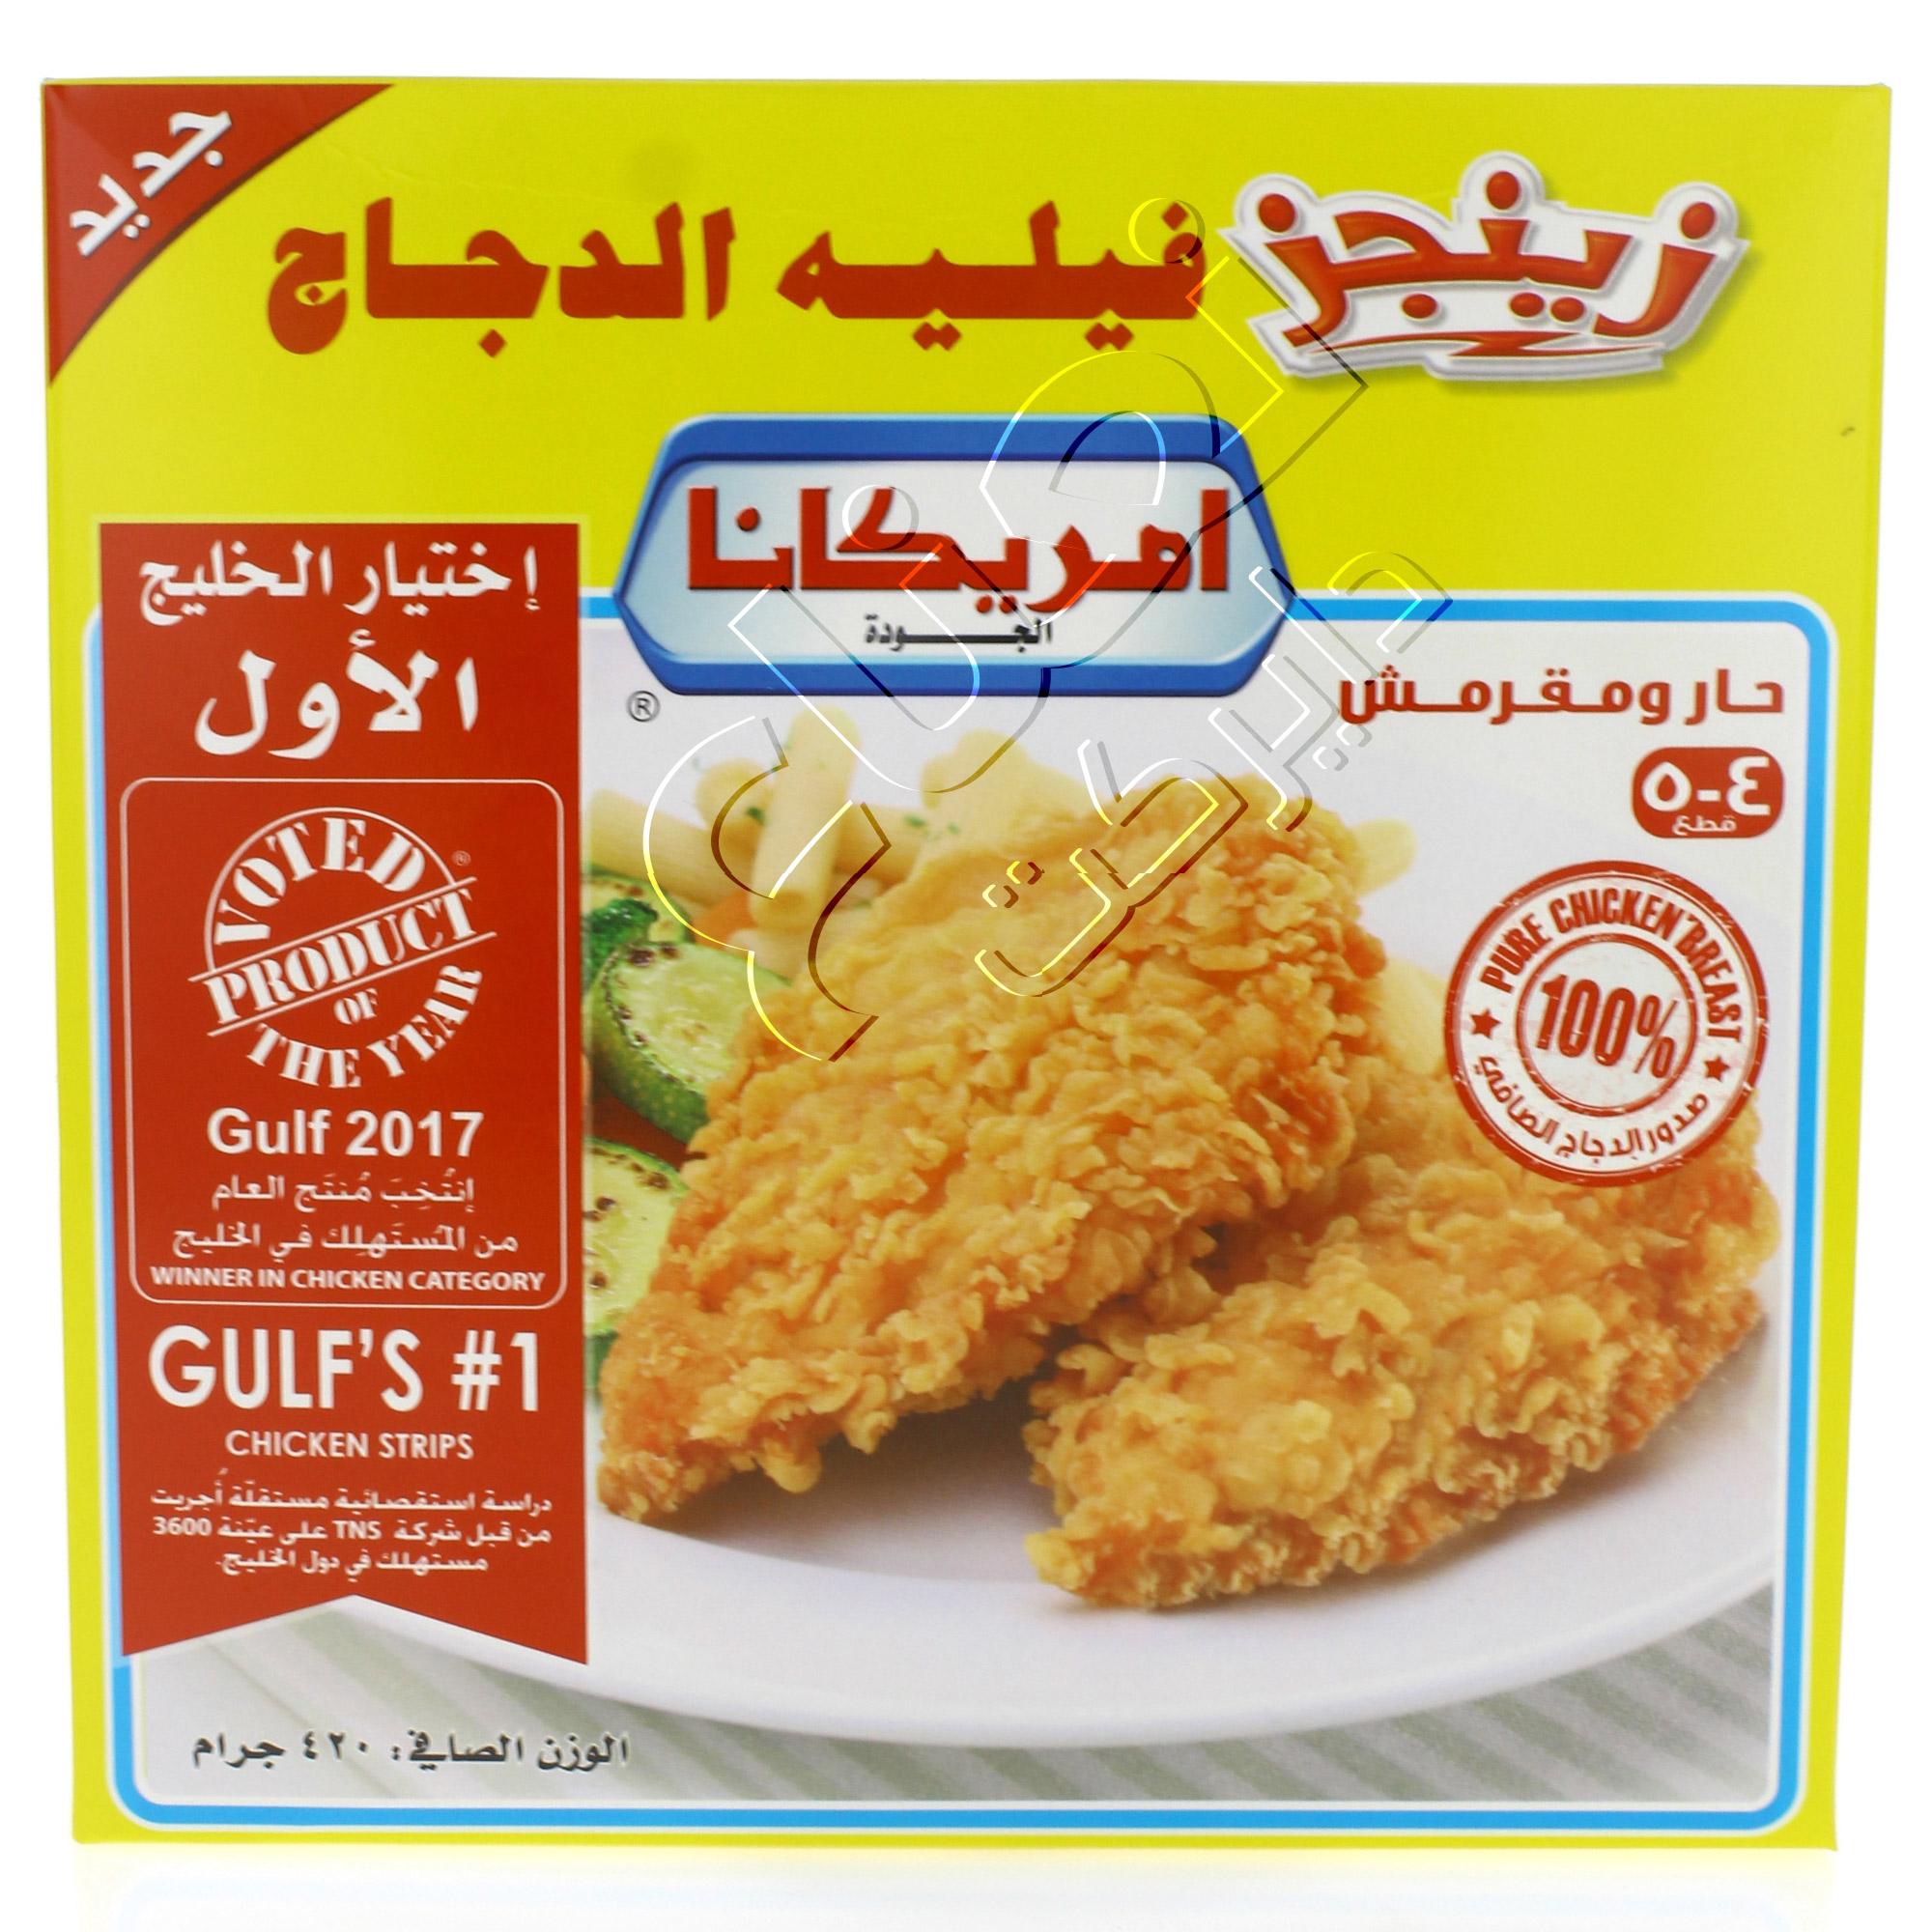 رئيس الملفوف الصيني خط منتجات أمريكانا دجاج Comertinsaat Com